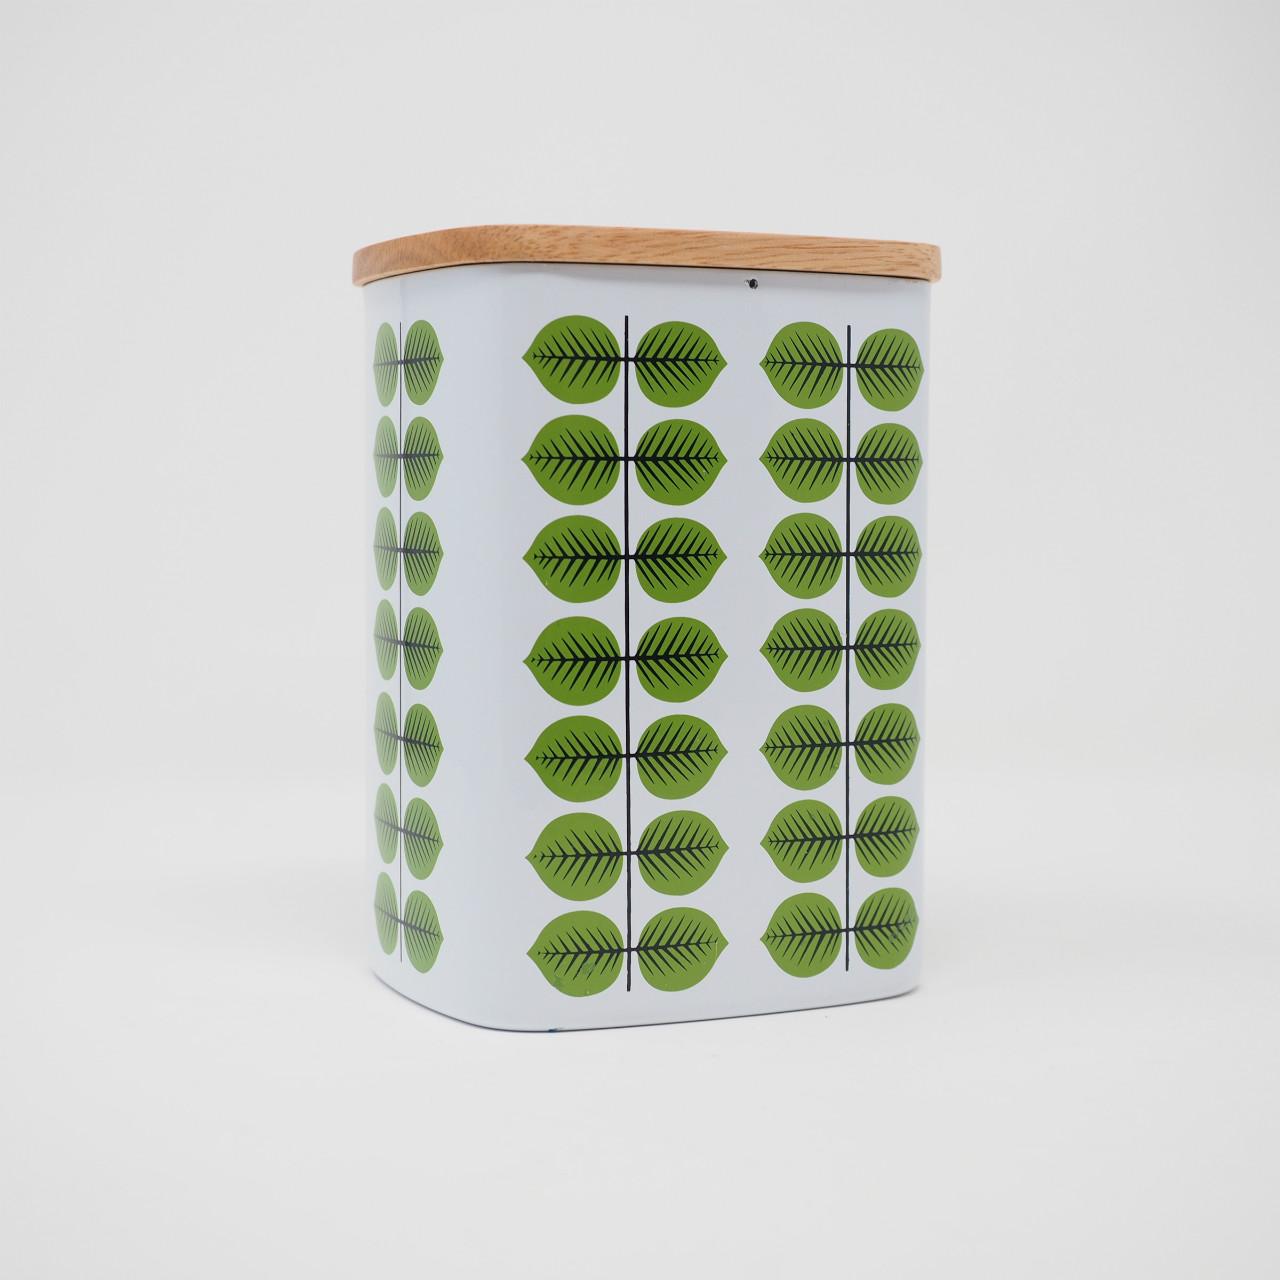 サムネイル:ベルサ ティン缶キャニスター(木蓋付き)